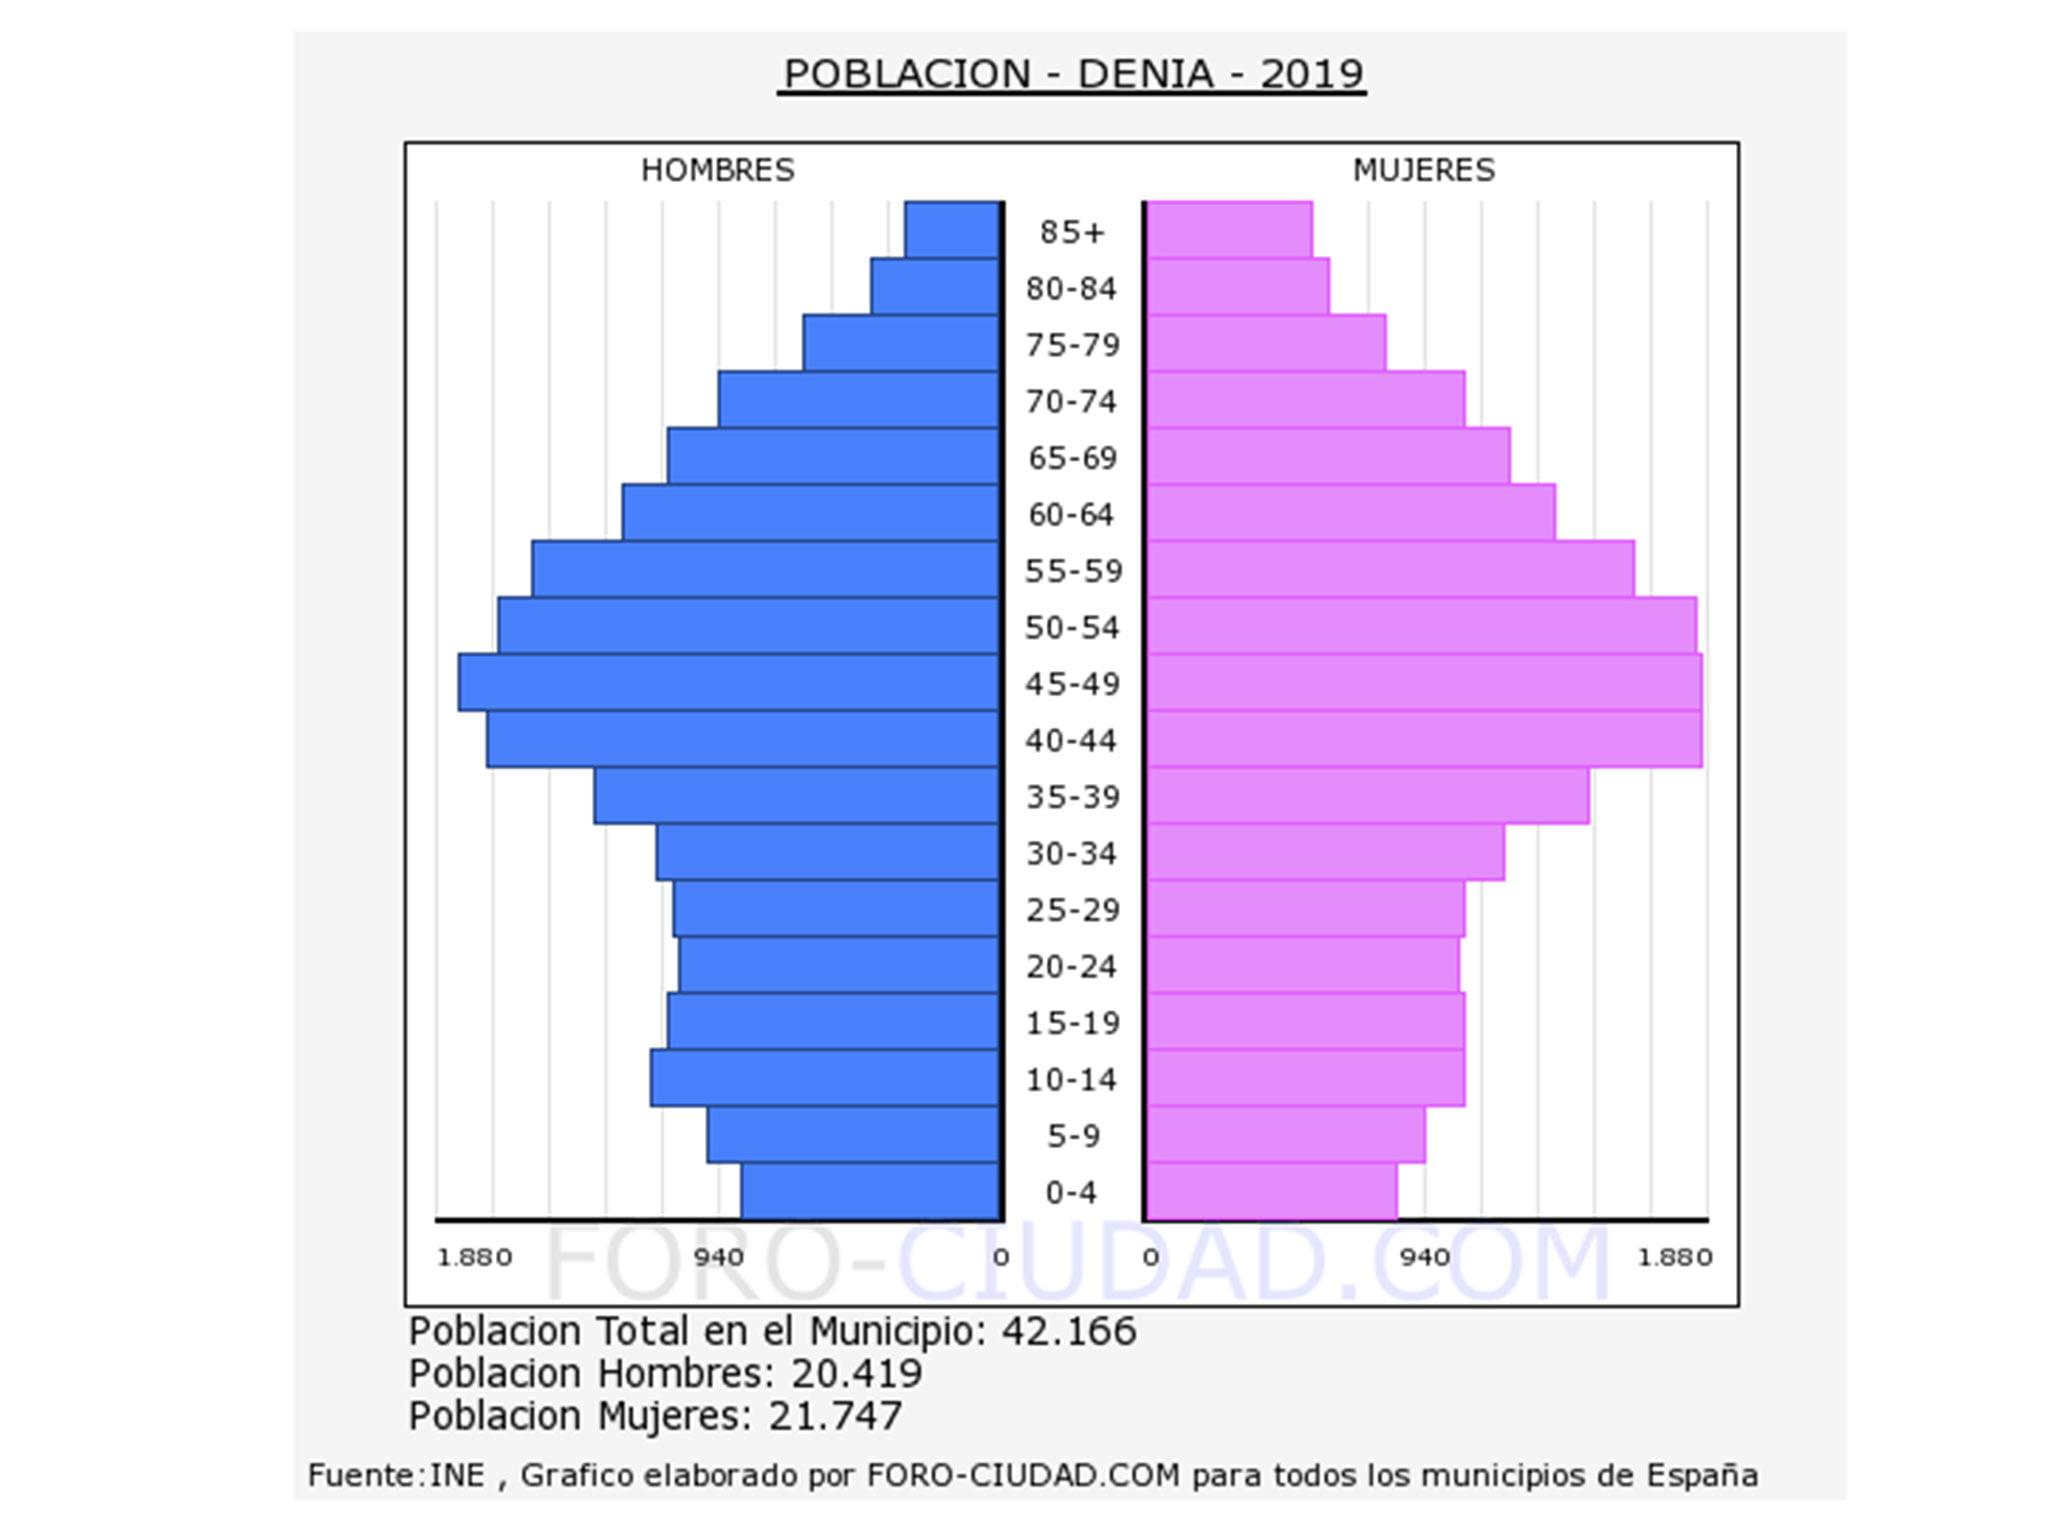 pyramid-population-denia-2019 (Imagen-foro-ciudad.com)